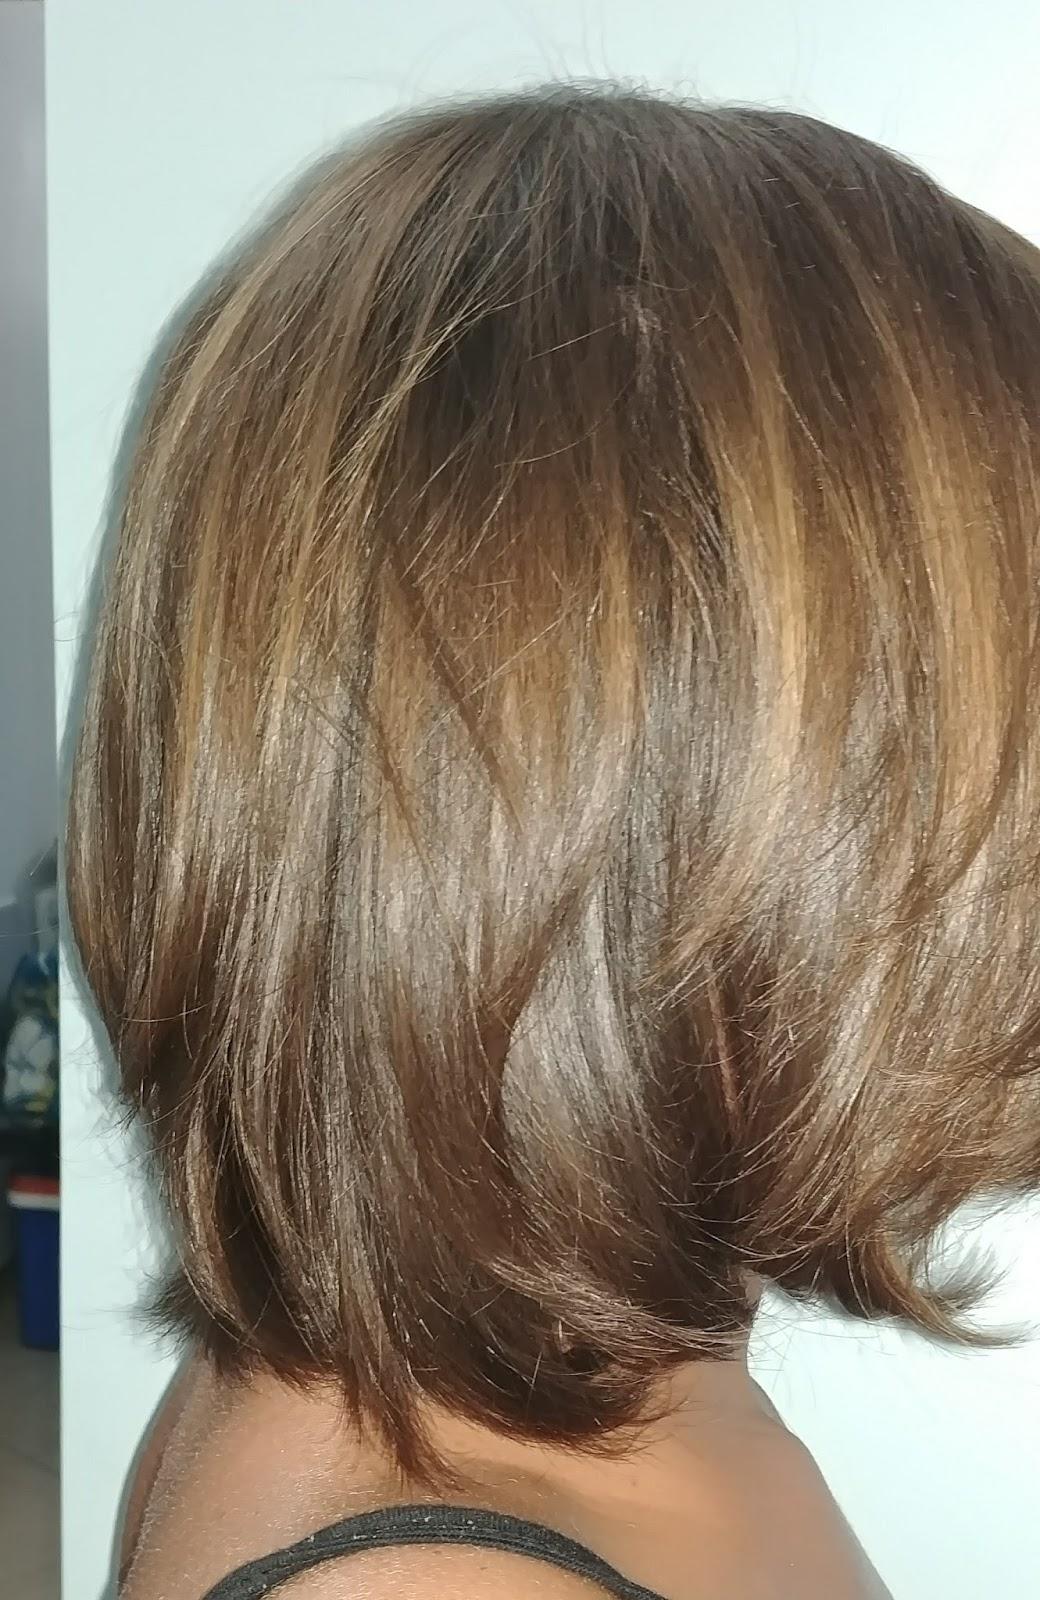 Che taglio fare per far crescere i capelli